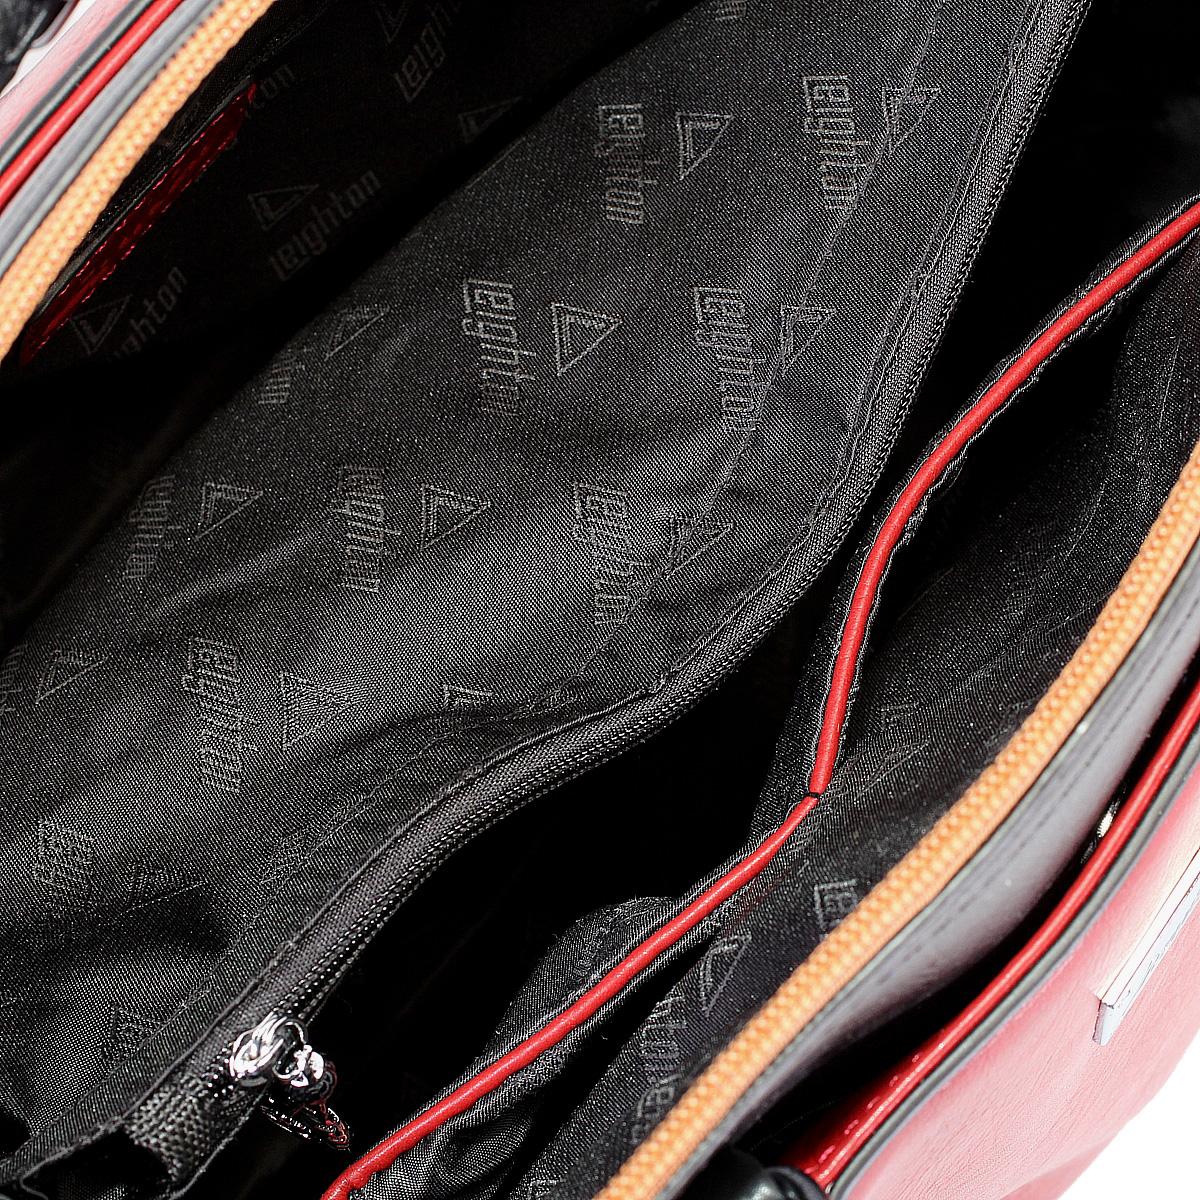 Сумка женская Leighton, цвет: черный, красный. 62050-292/10/292/1/292/28 ( 62050-292/10/292/1/292/28 )